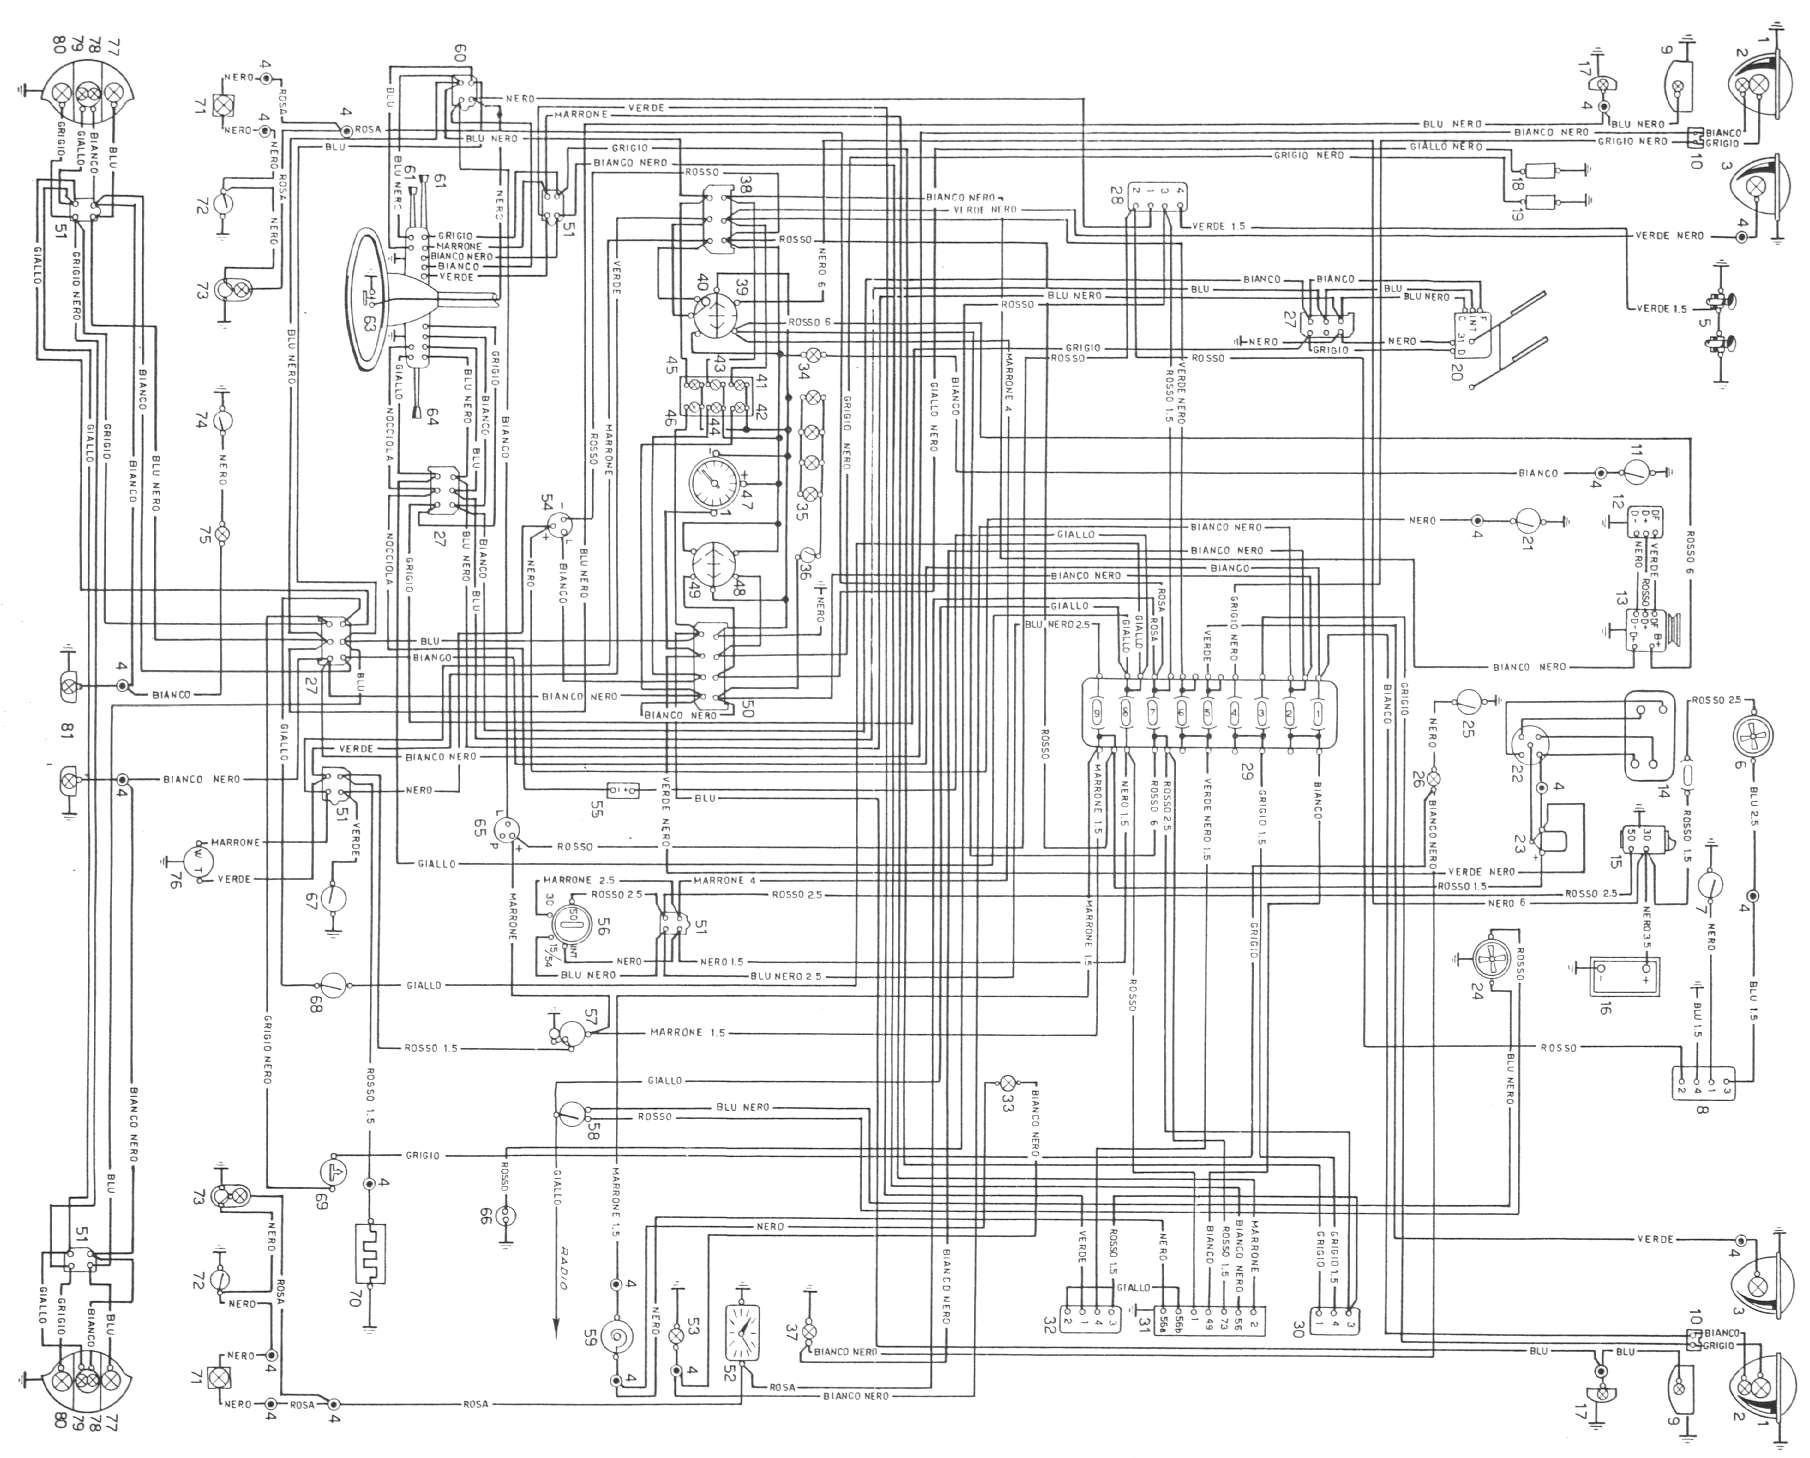 schema fusibili fiat ducato  u2013 automobili image idea